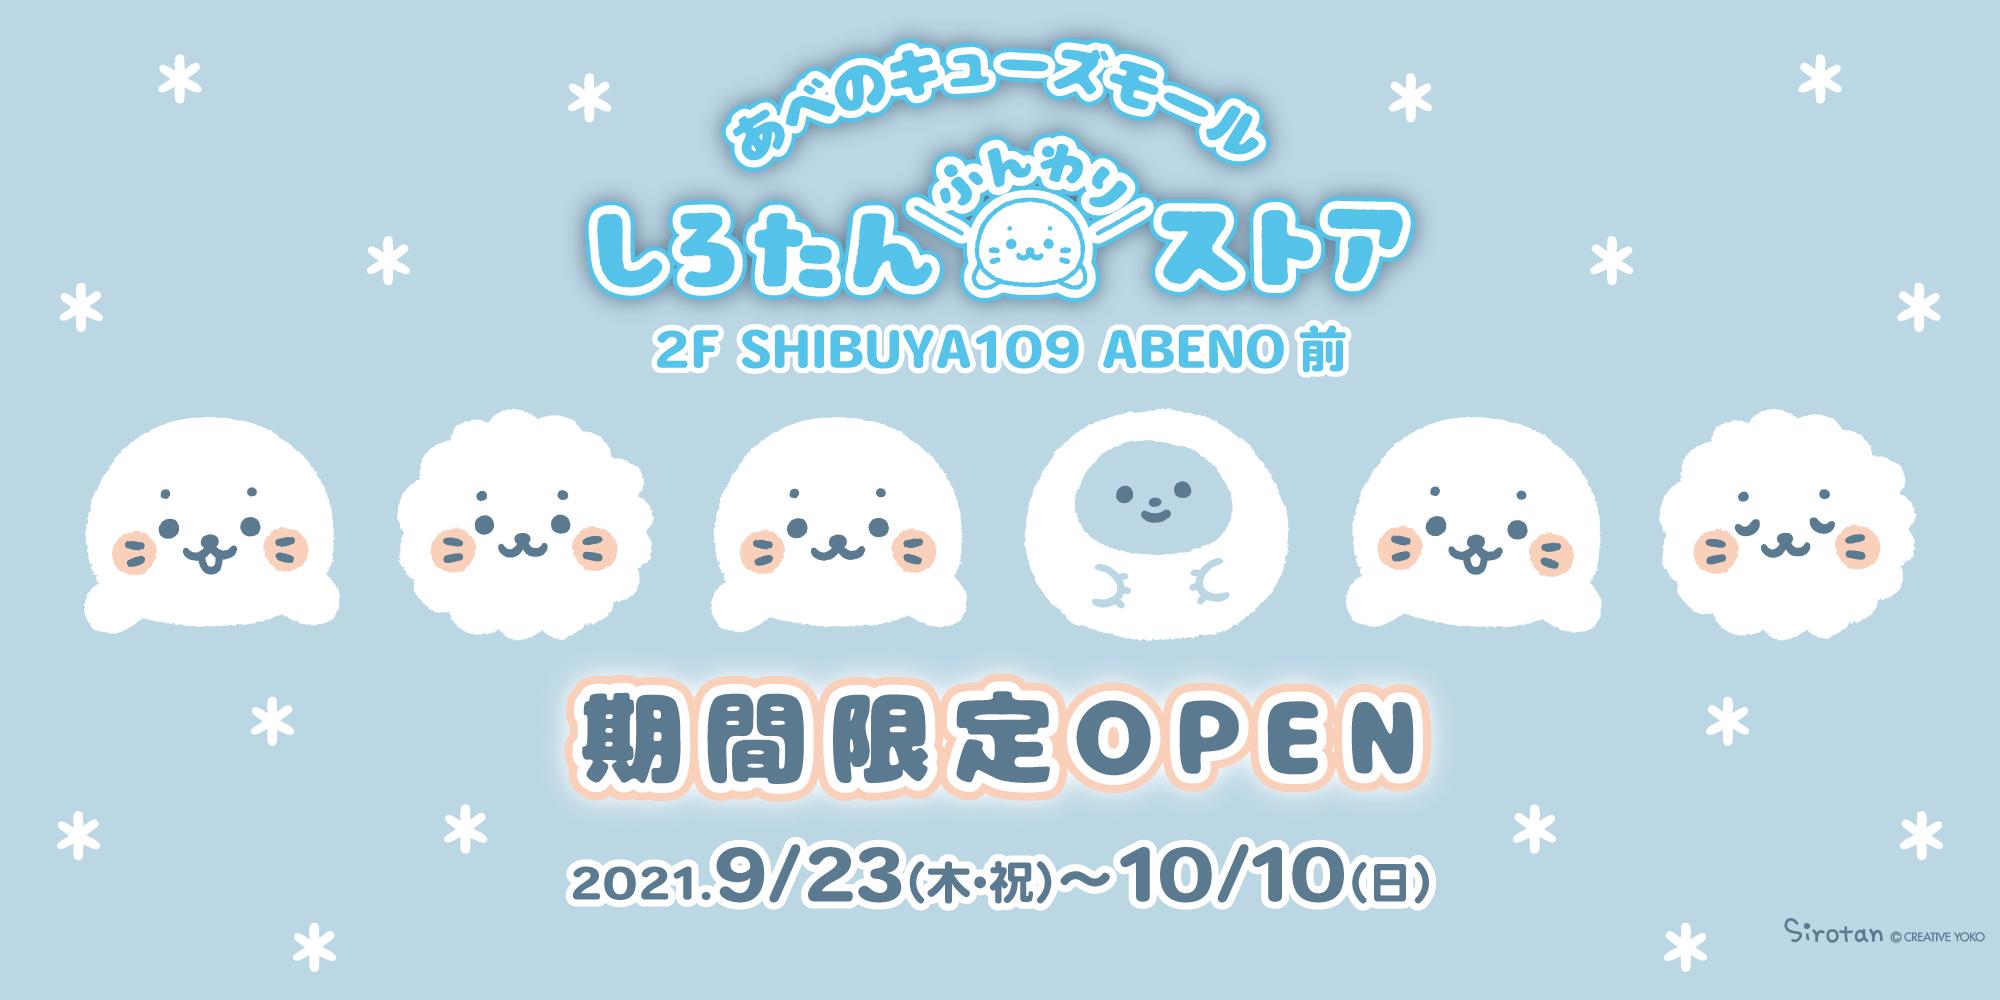 【9/23(木祝)~10/10(日)】あべのキューズモール しろたんふんわりストア期間限定OPEN!